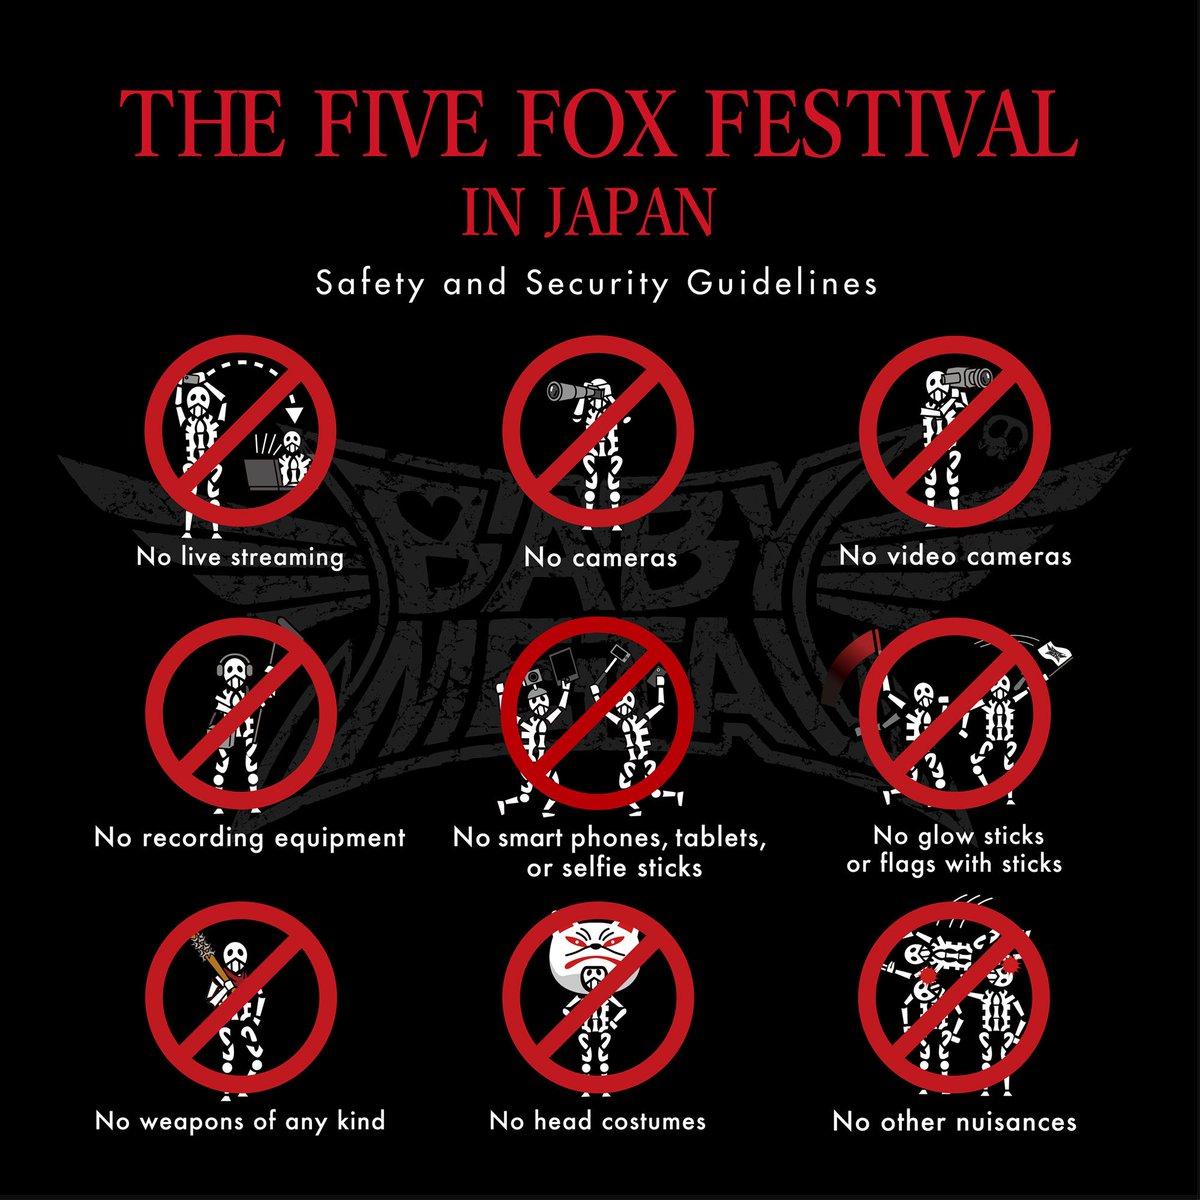 いよいよ明日からスタート!!「5大キツネ祭り in JAPAN」にご来場の皆様へお知らせDEATH!!コチラ→https;/...